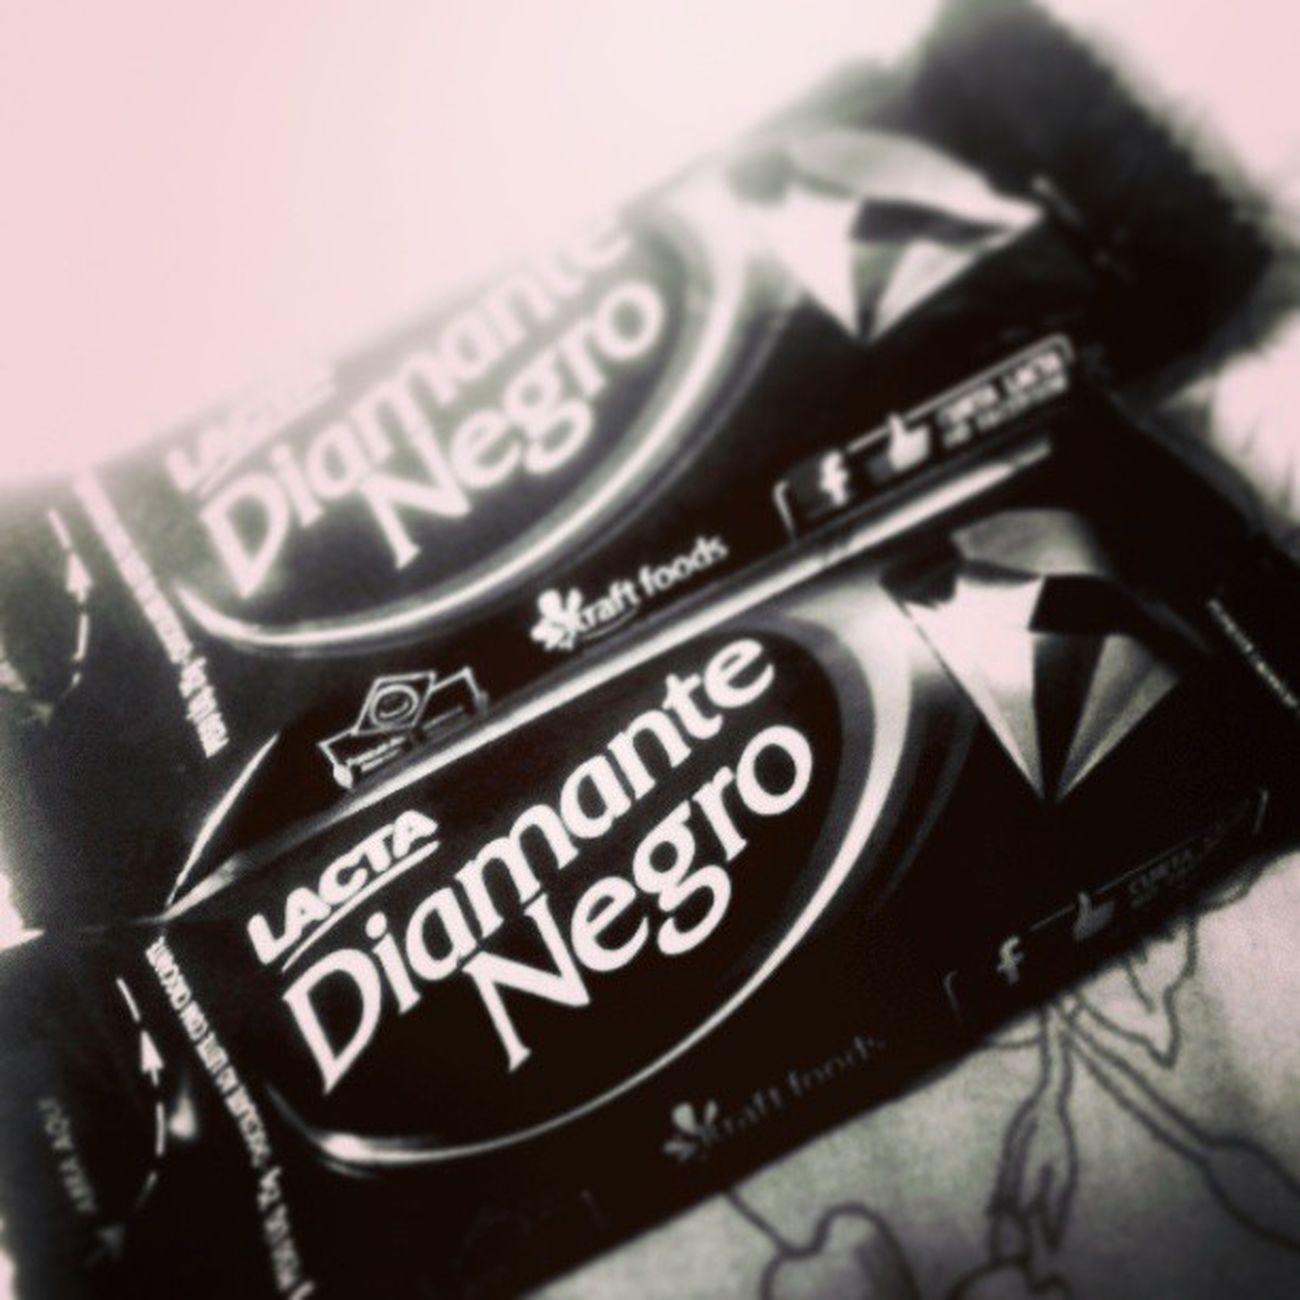 Nada melhor que um bom chocolate. Delicia Diamantenegro